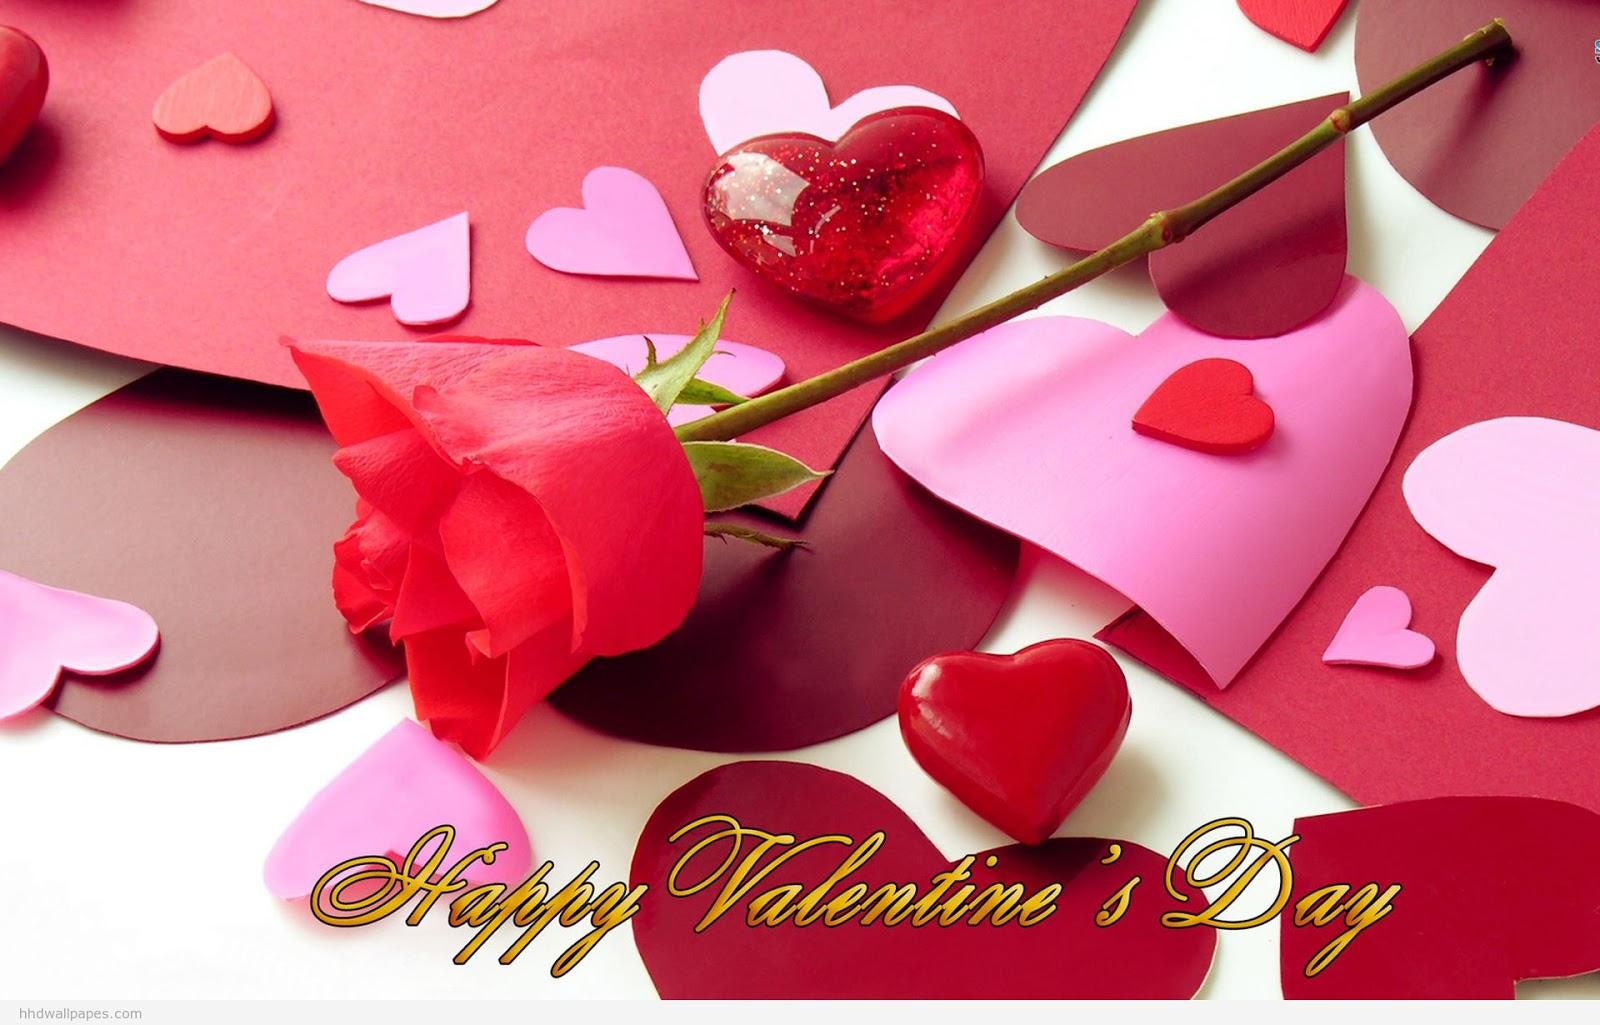 Feliz Día De San Valentín HD Imagenes 2018